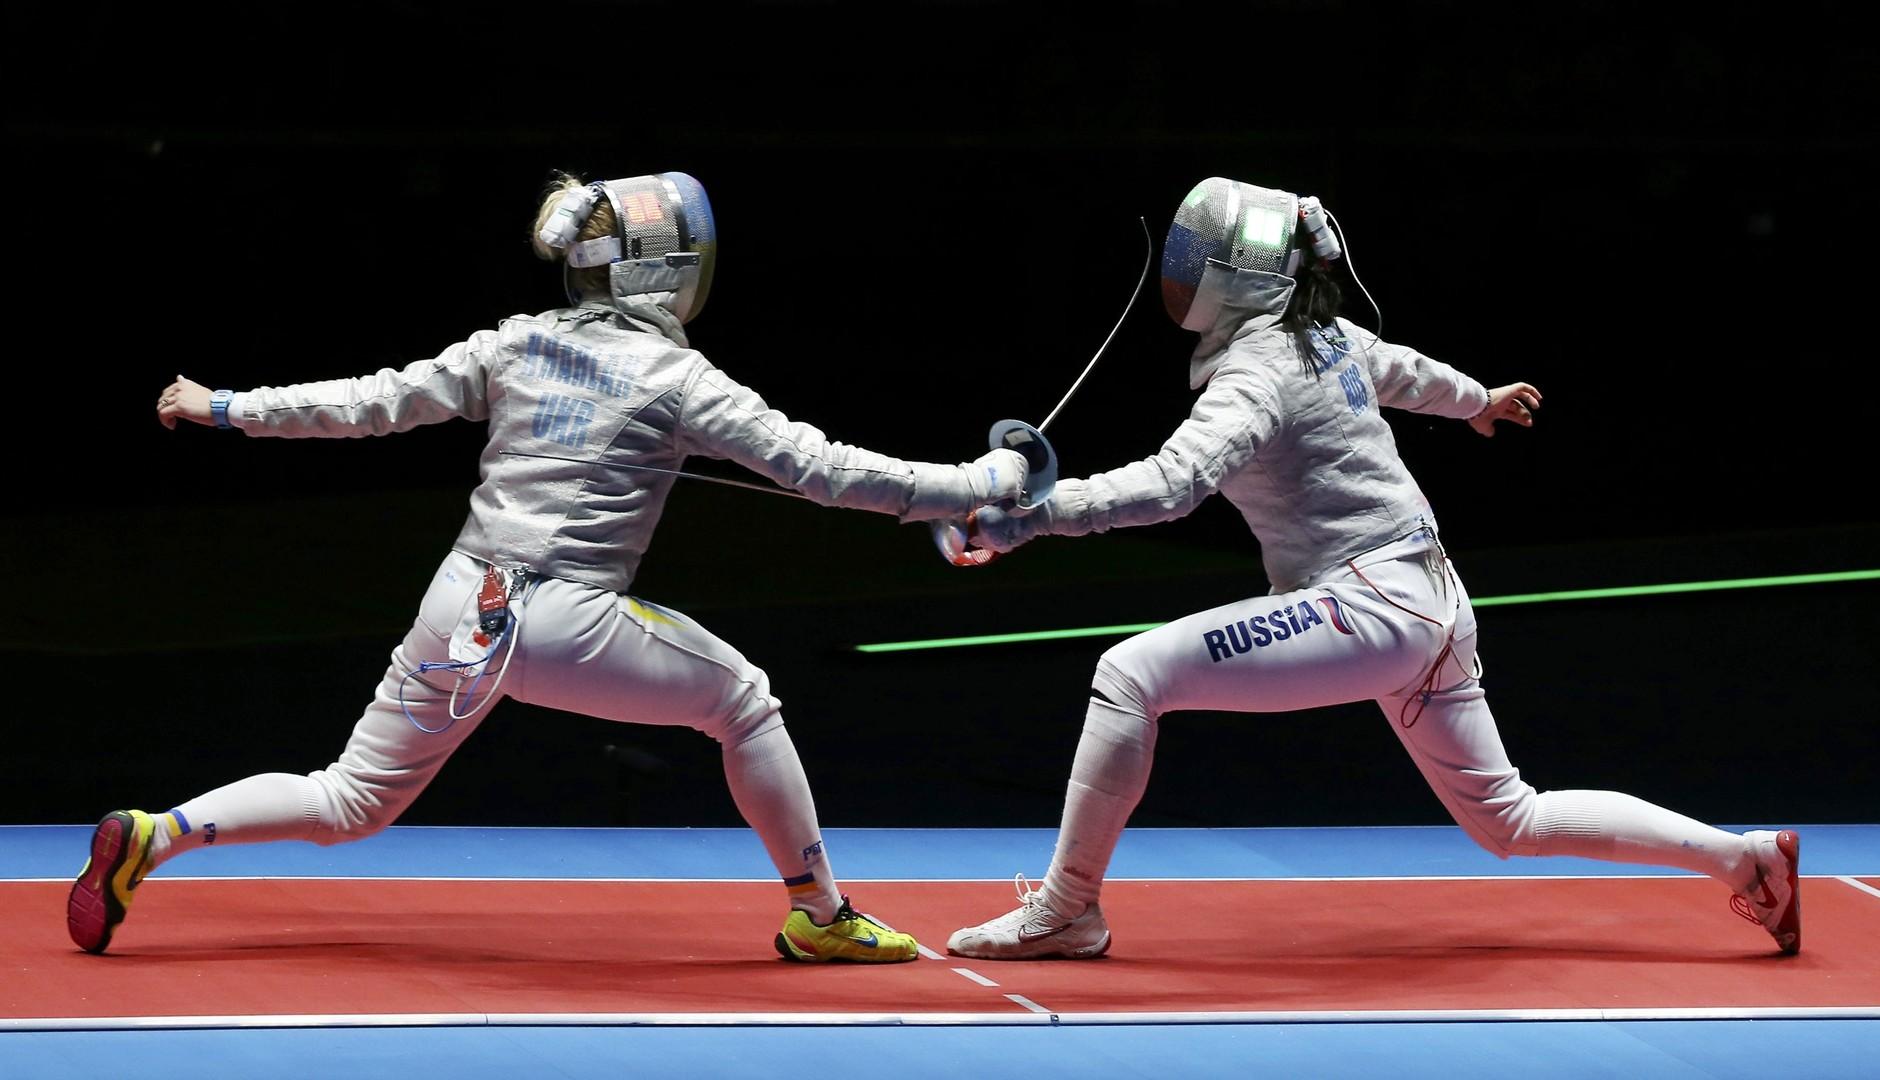 Российские саблистки обыграли украинок и завоевали золото Олимпиады